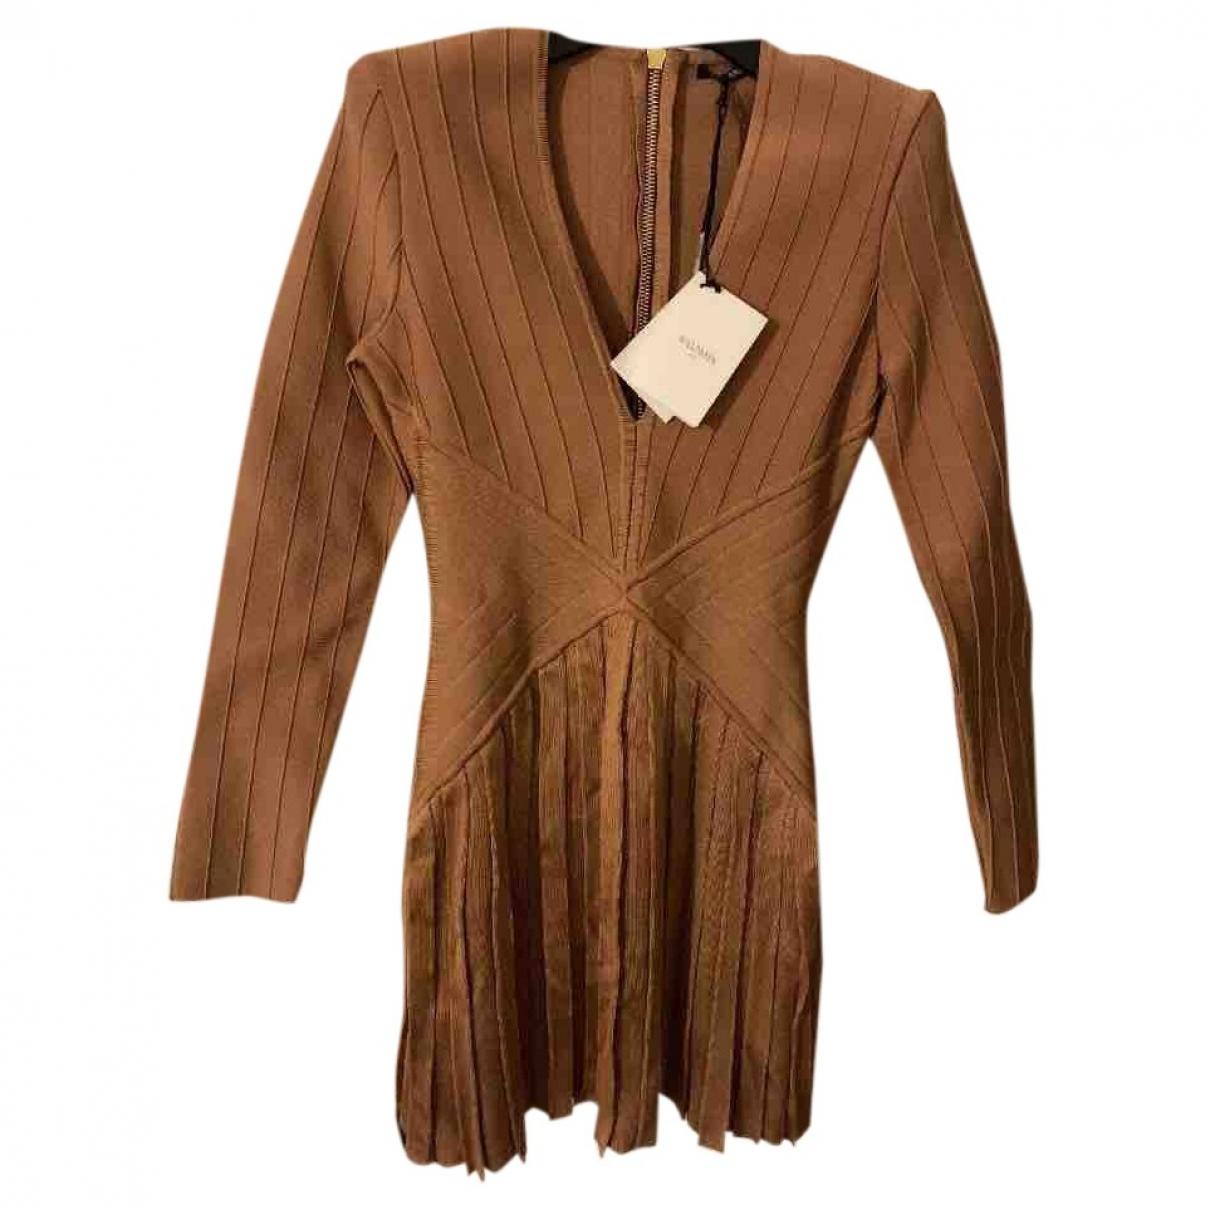 Balmain \N Kleid in  Beige Polyester